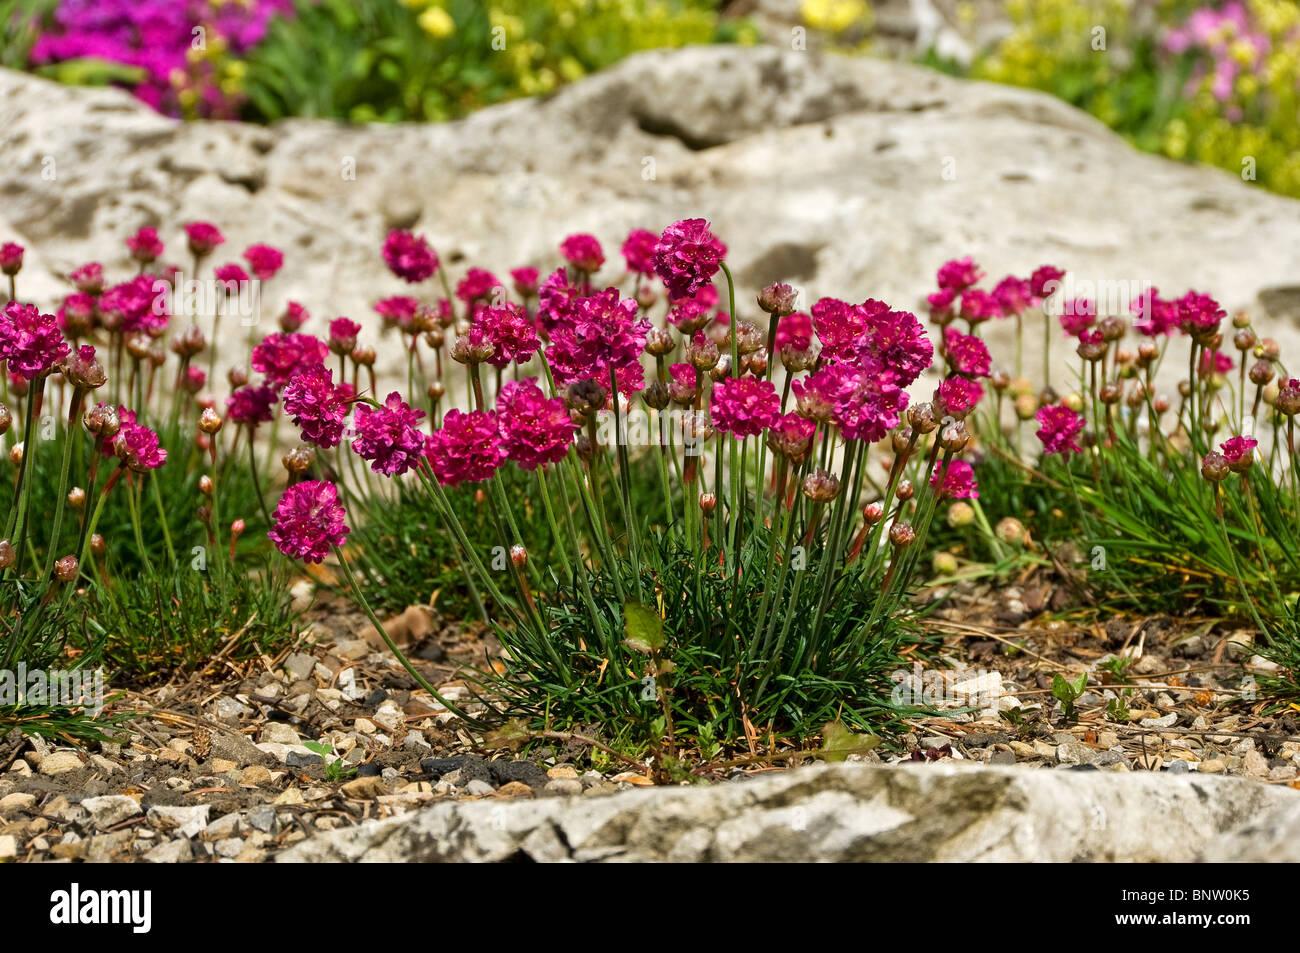 alpine pflanzen im steingarten england uk united kingdom gb great britain stockfoto bild. Black Bedroom Furniture Sets. Home Design Ideas